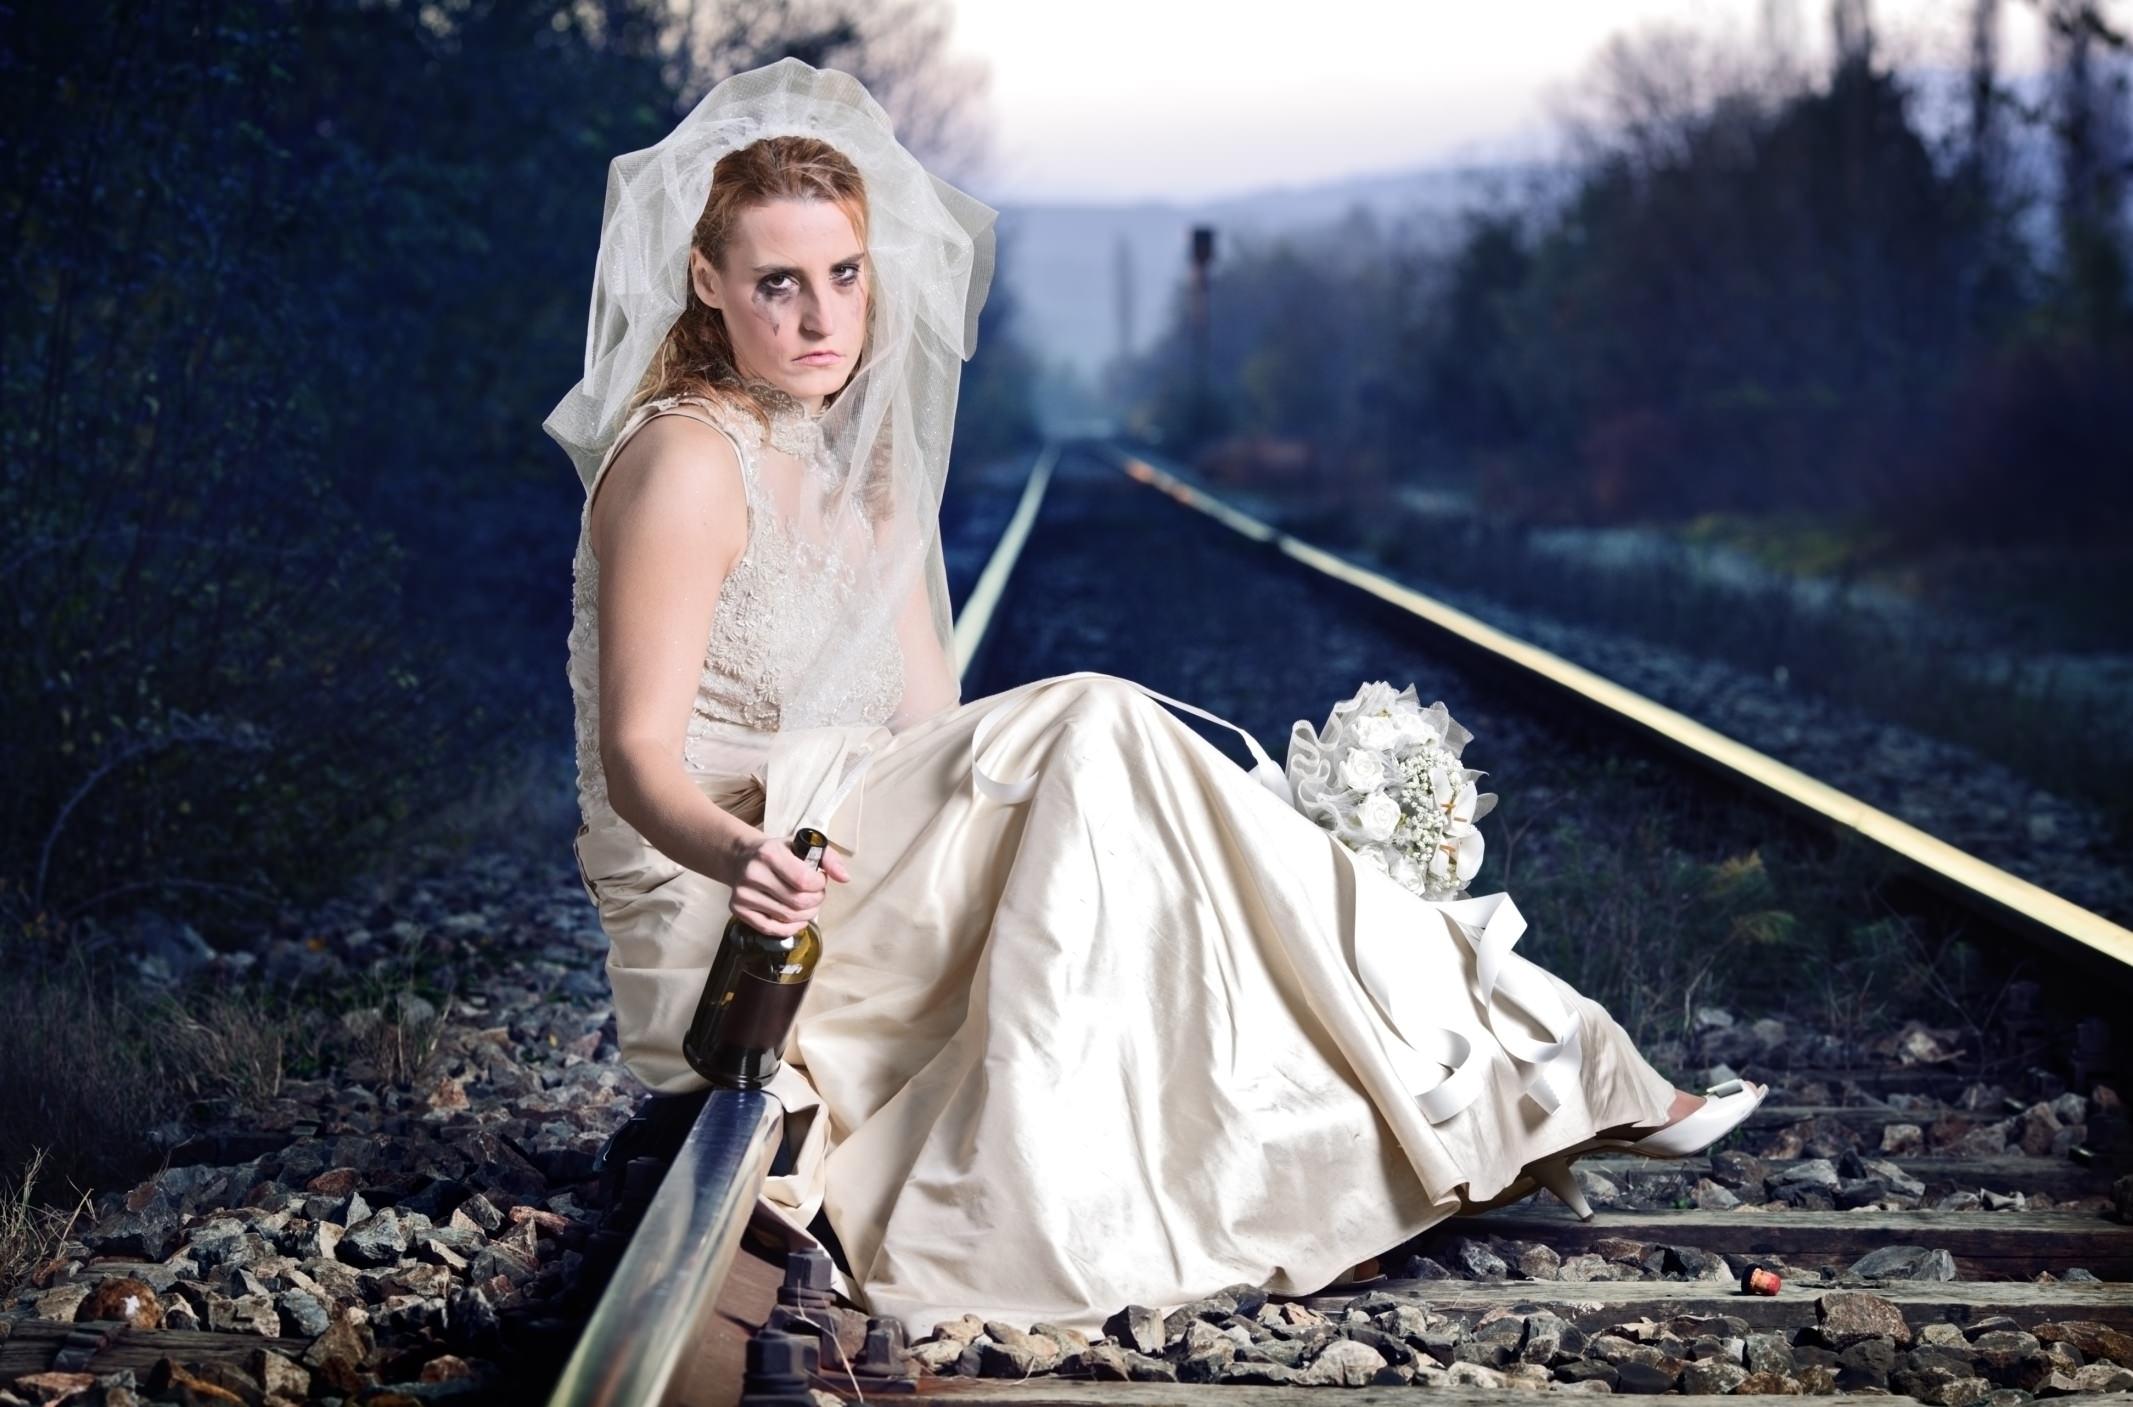 Выходить замуж во сне: счастье и гармония или предательство и измена?